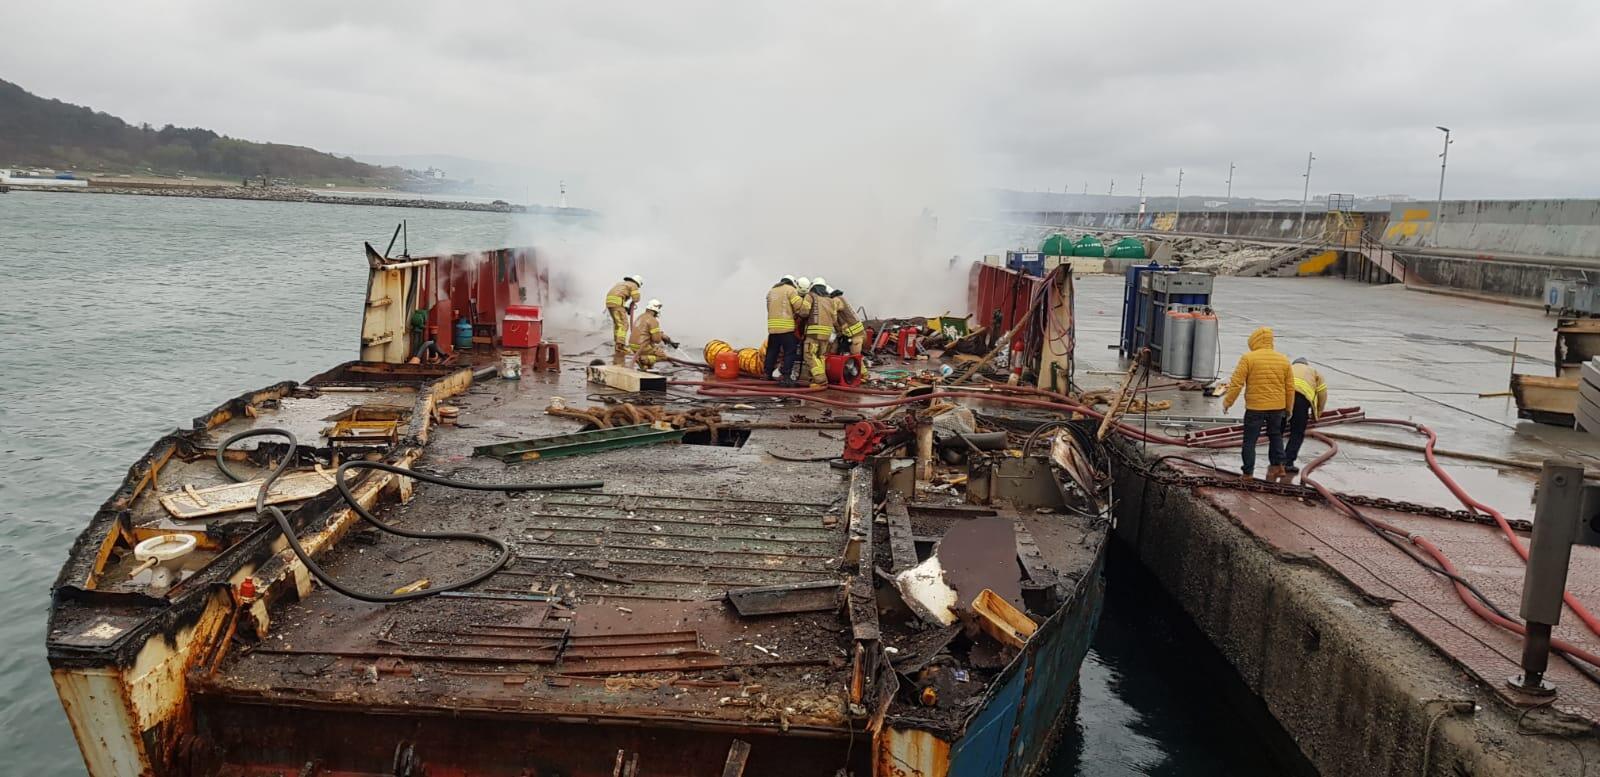 Limanda söküm işlemi yapılan teknede yangın